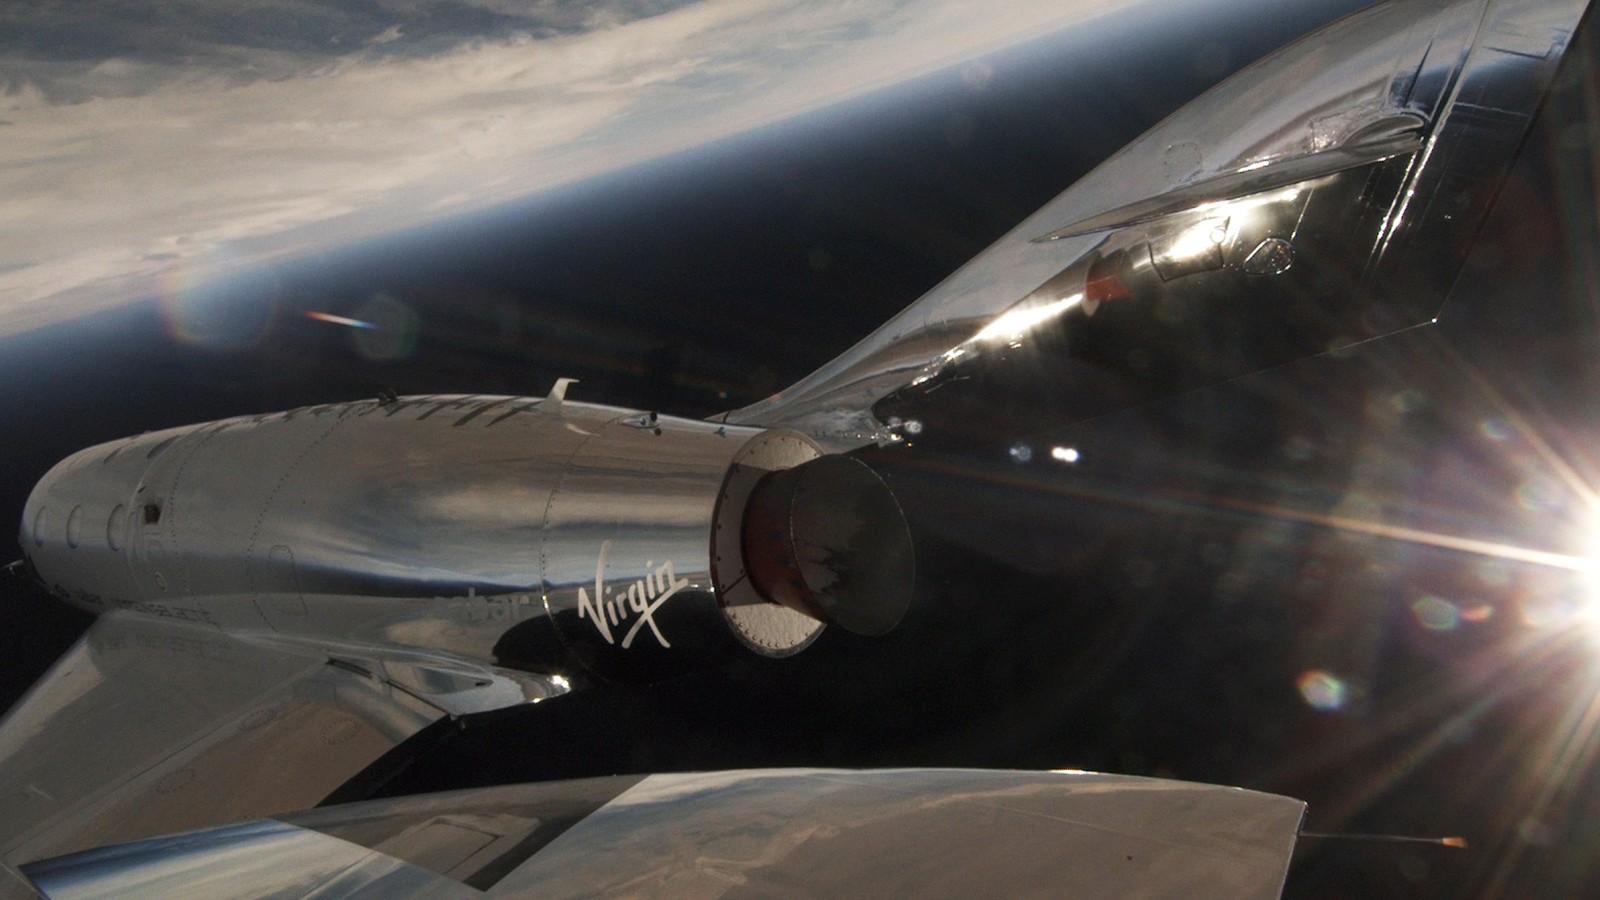 La Virgin Galactic ha portato a termine con successo, lo scorso 5 aprile, il primo test supersonico della nuova serie di velivoli con la VSS Unity.